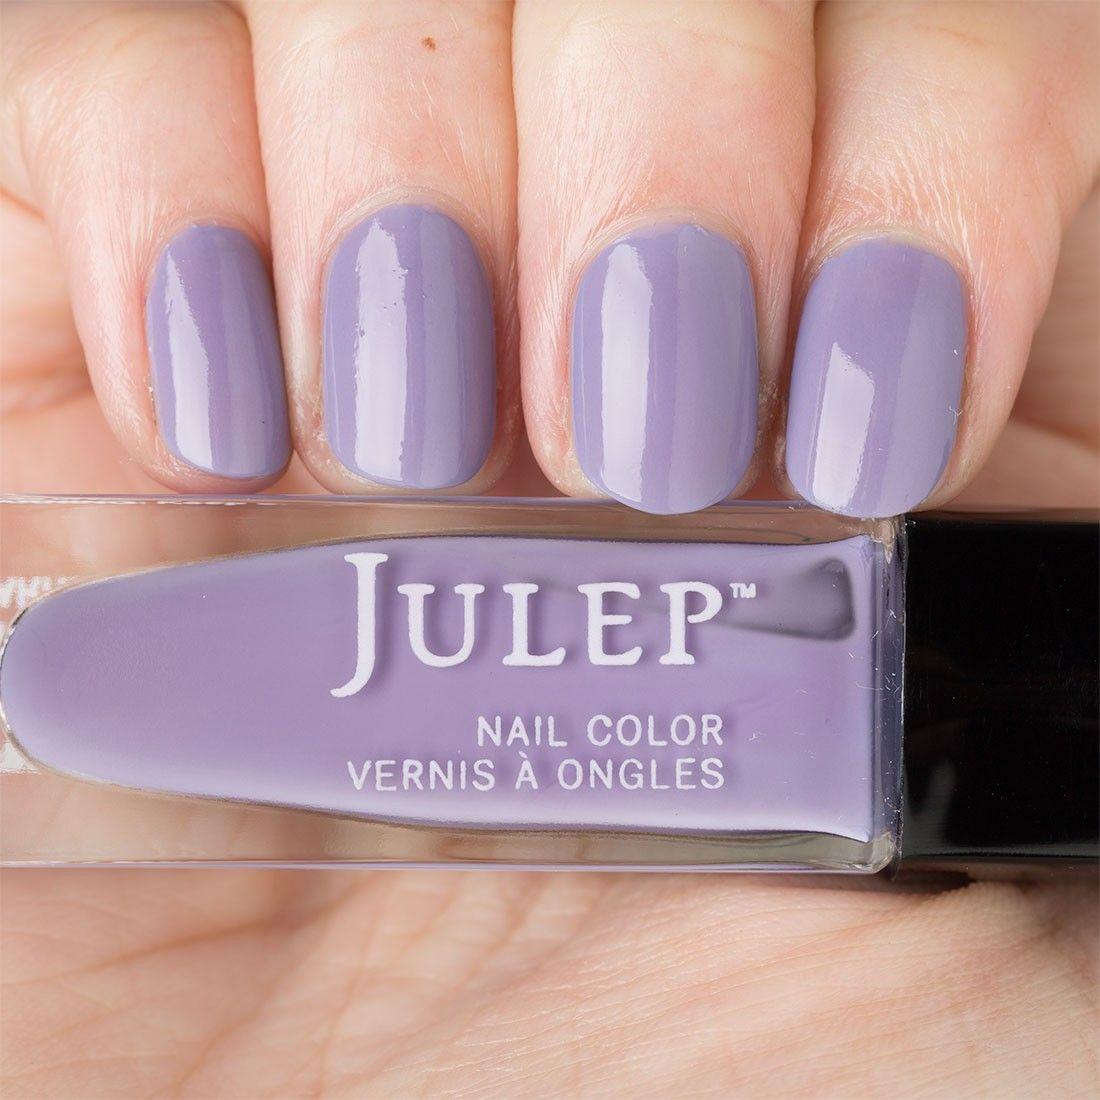 Julep - Alexa   Hair and Make-up ideas   Pinterest   Makeup